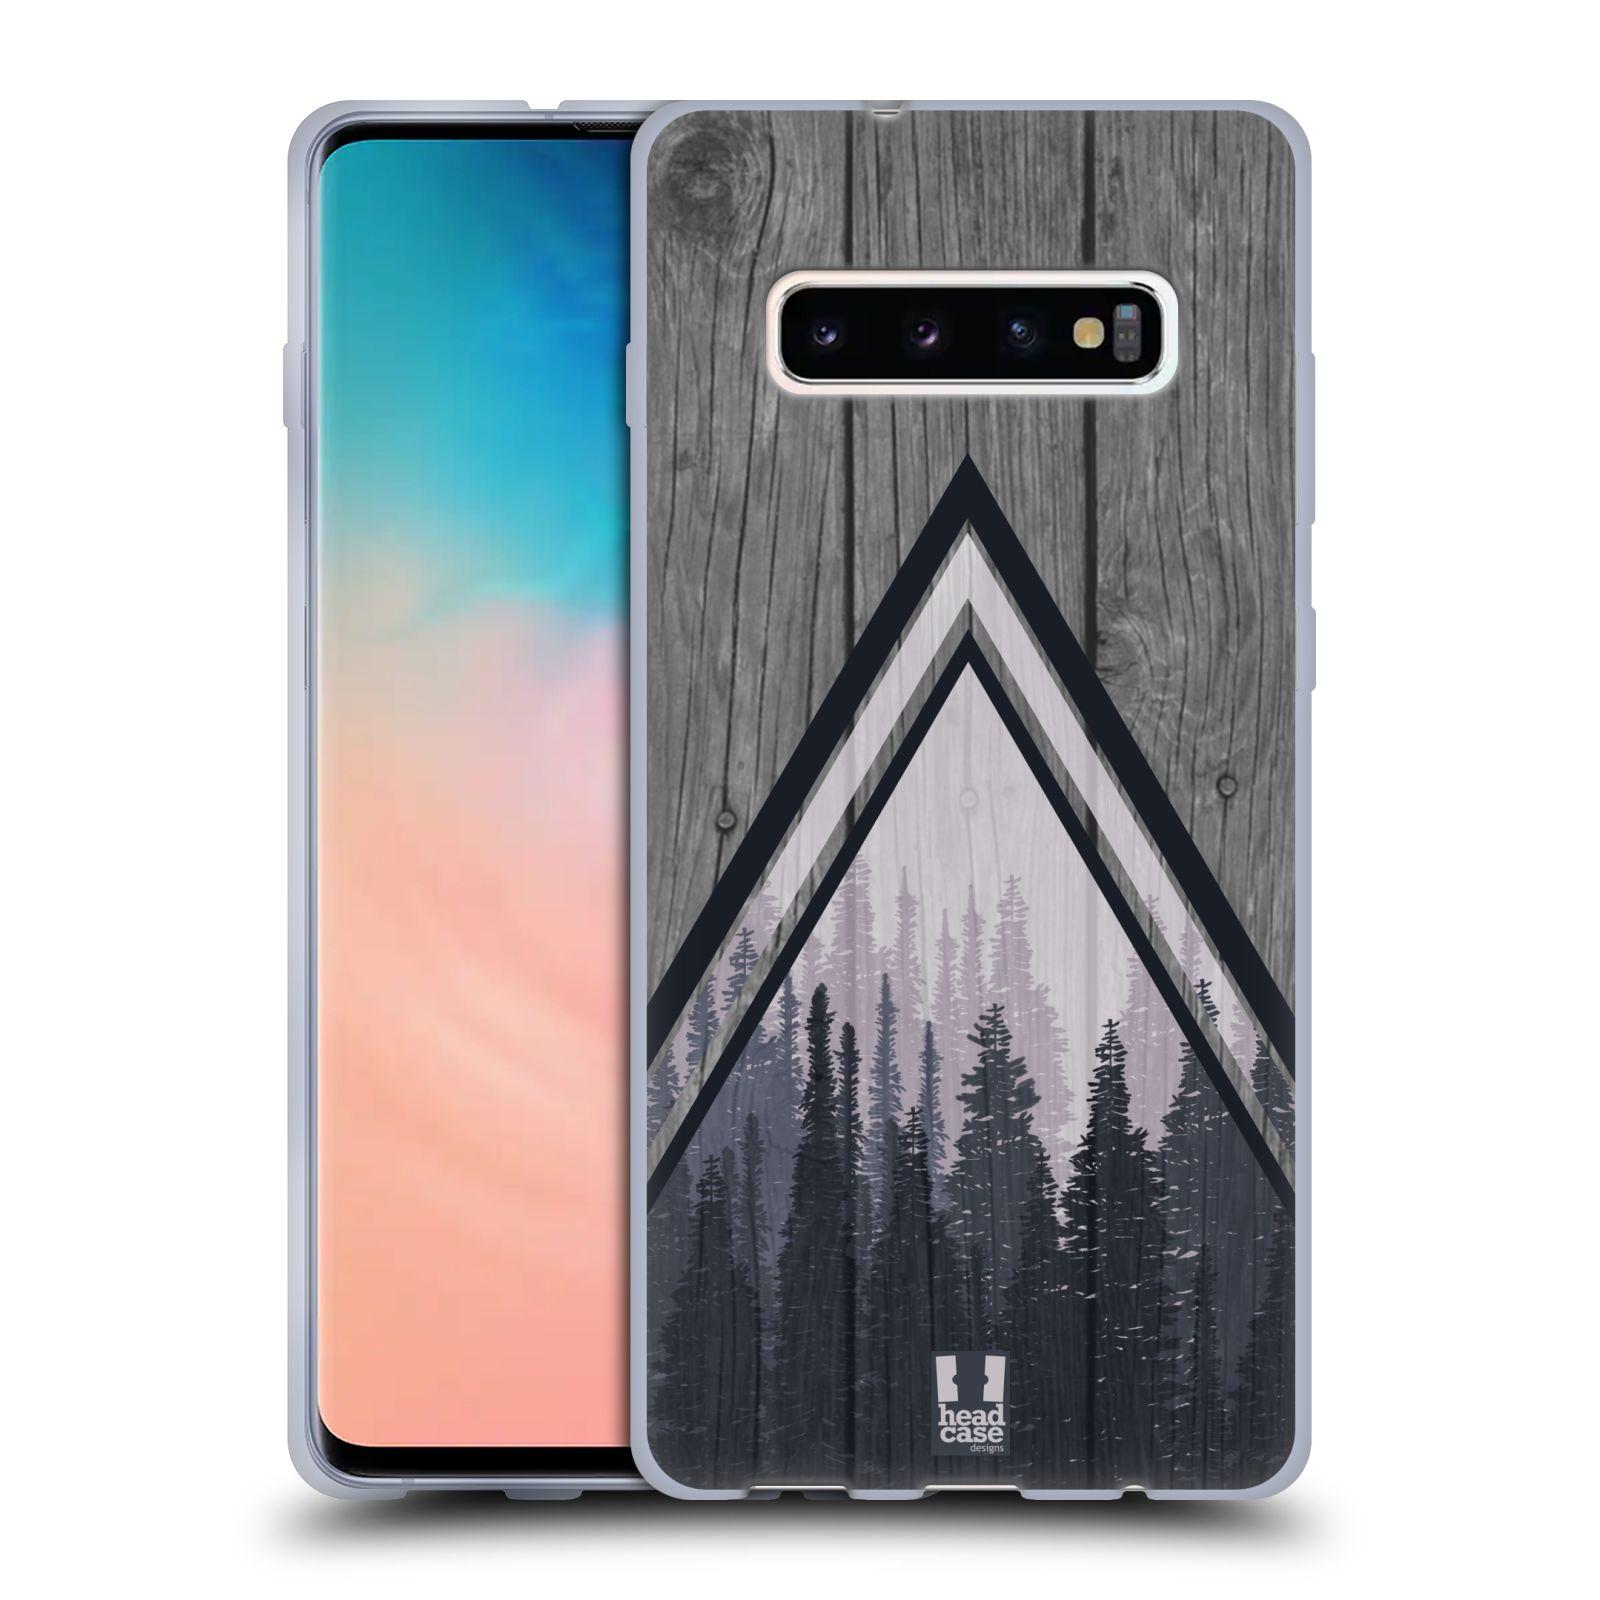 Silikonové pouzdro na mobil Samsung Galaxy S10 Plus - Head Case - Dřevo a temný les